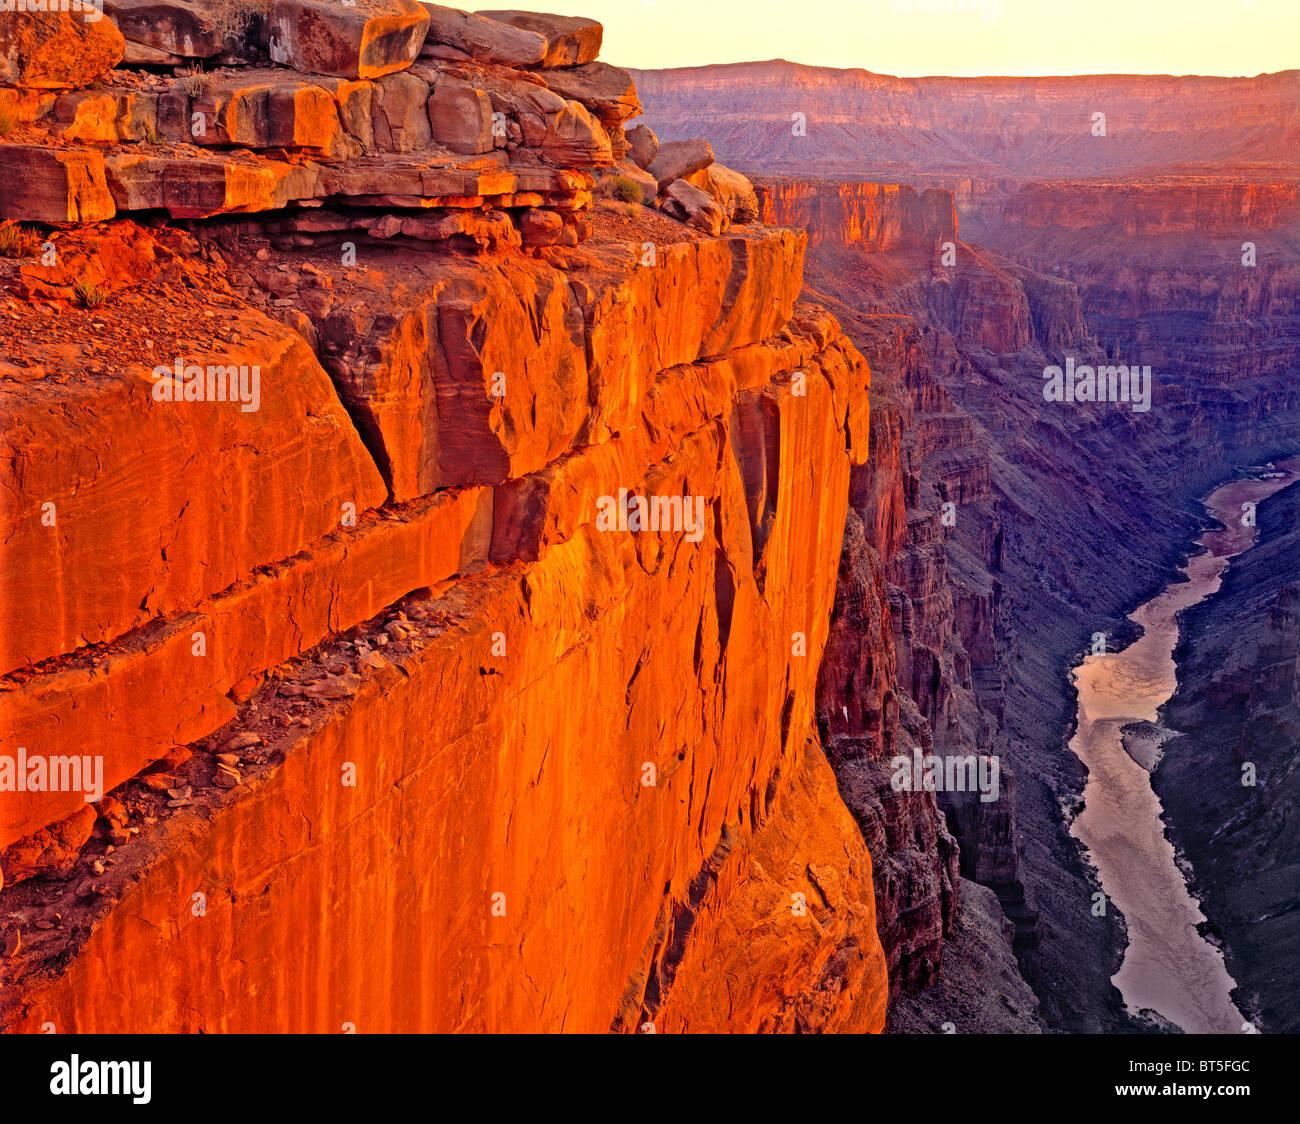 Amanecer sobre el Río Colorado en Toroweep, el Parque Nacional del Gran Cañón, Arizona Foto de stock